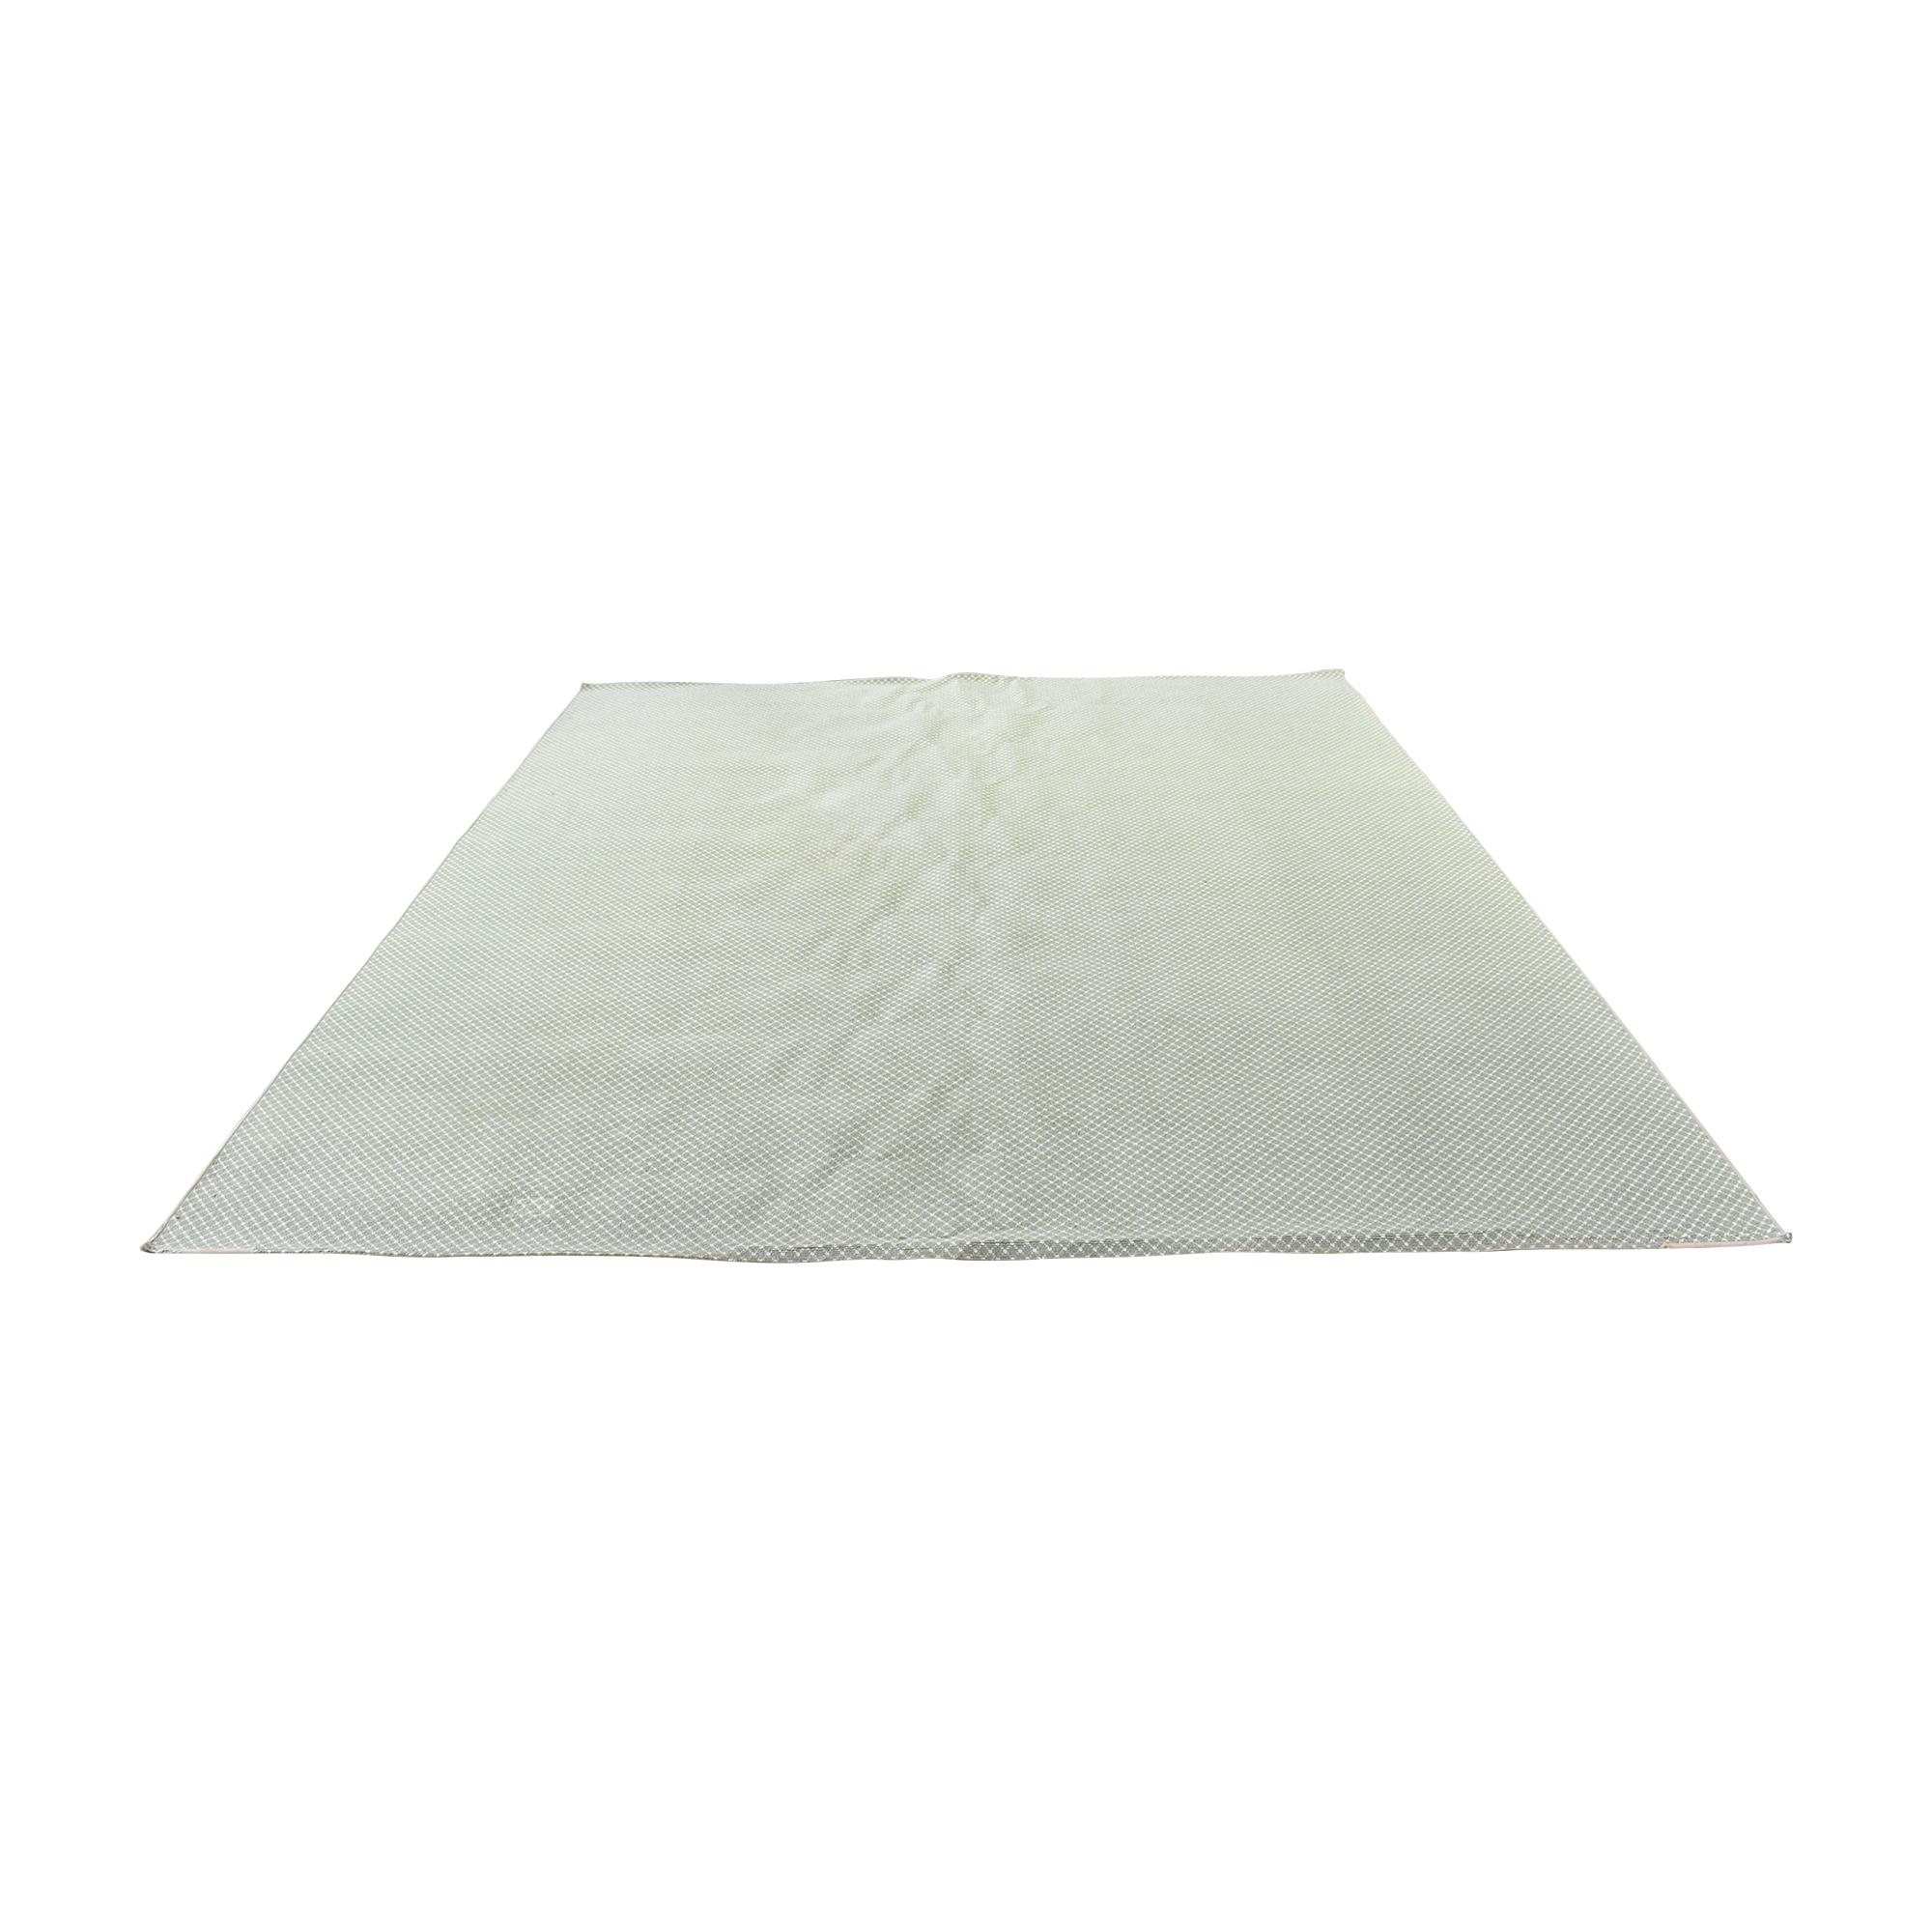 Stark Carpet Stark Carpet Area Rug for sale